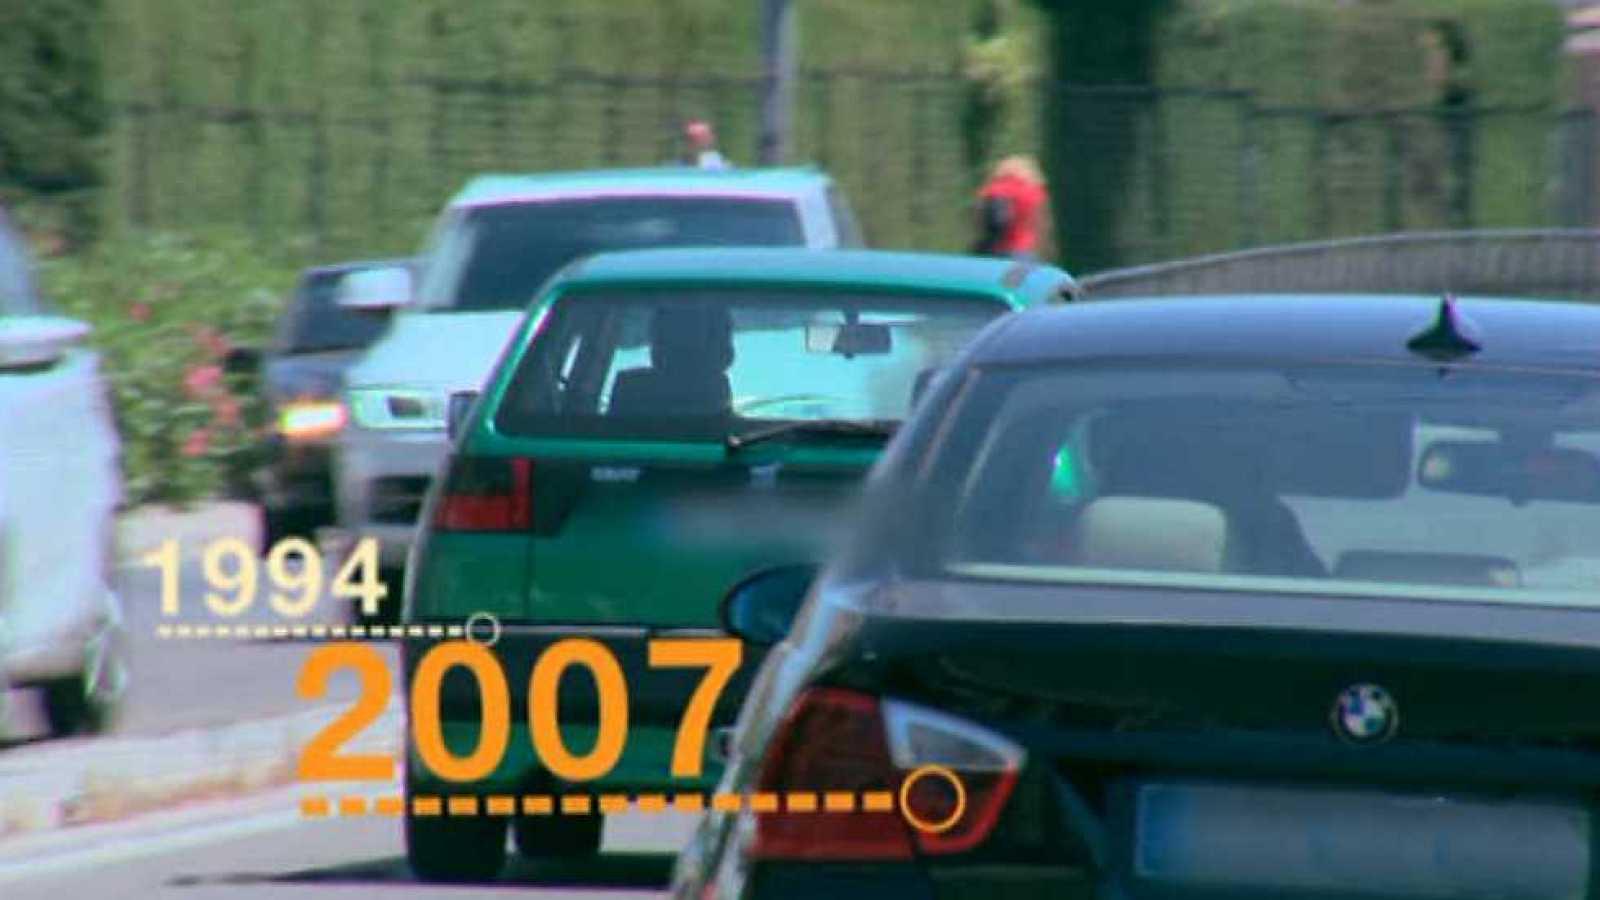 Seguridad vital - 21/08/16 - ver ahora